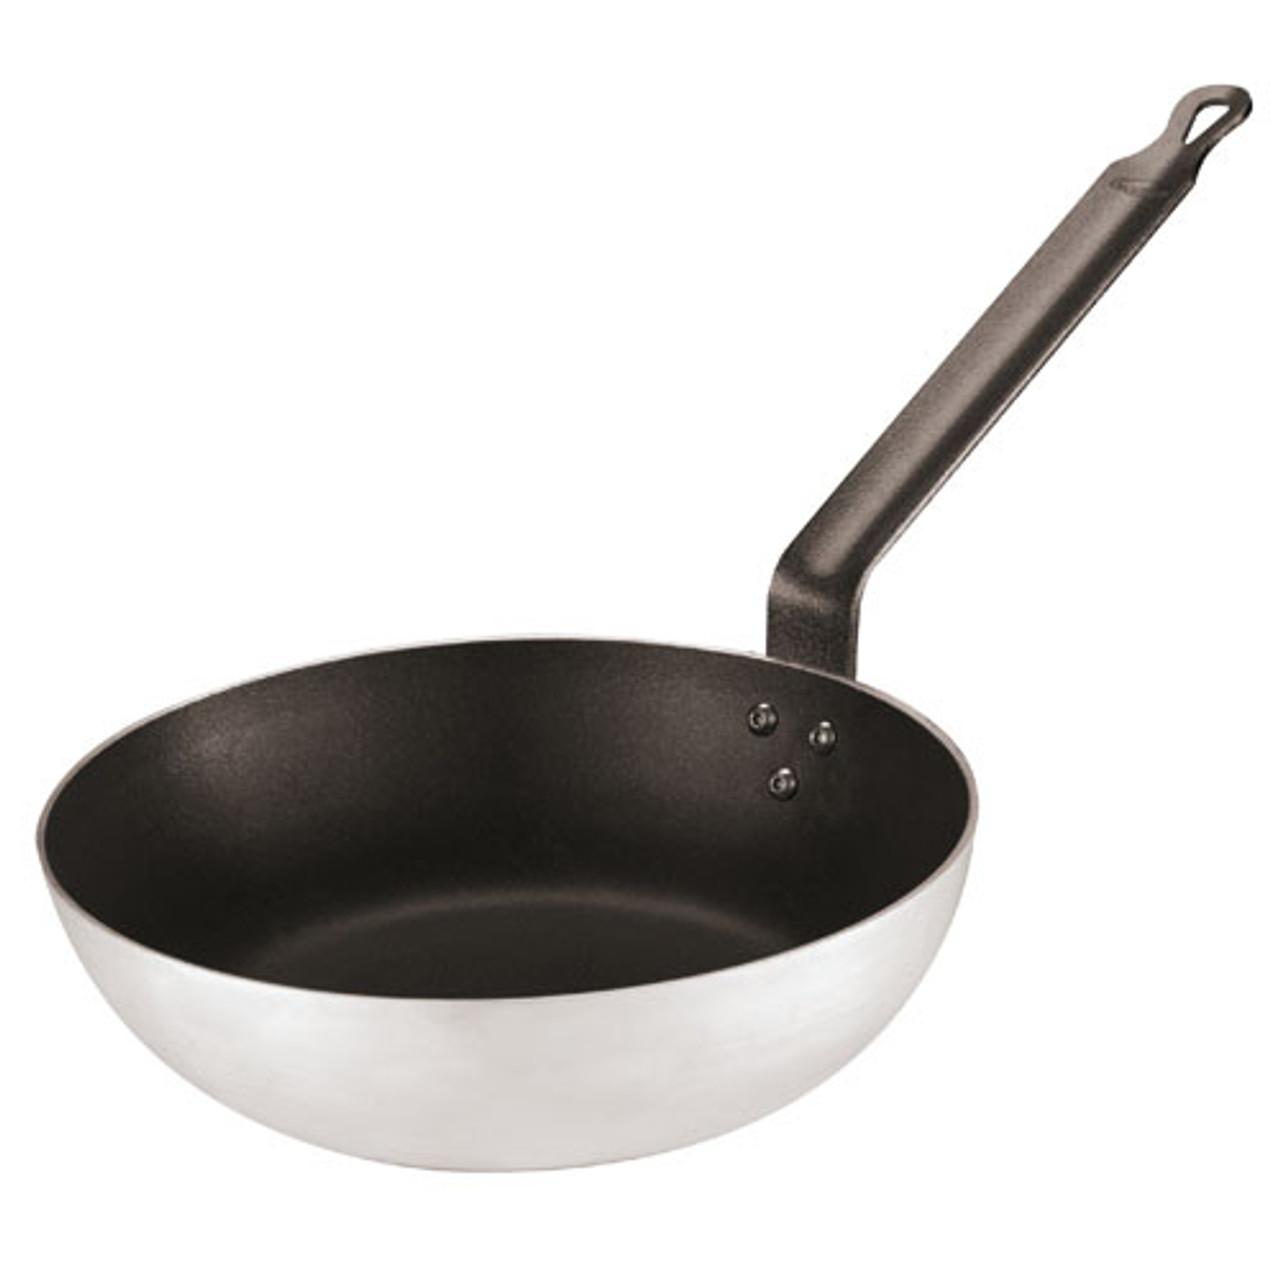 12 1/2 Non-stick Splayed Sauté Pan , L 12.5 x W 12.5 x H 4.375